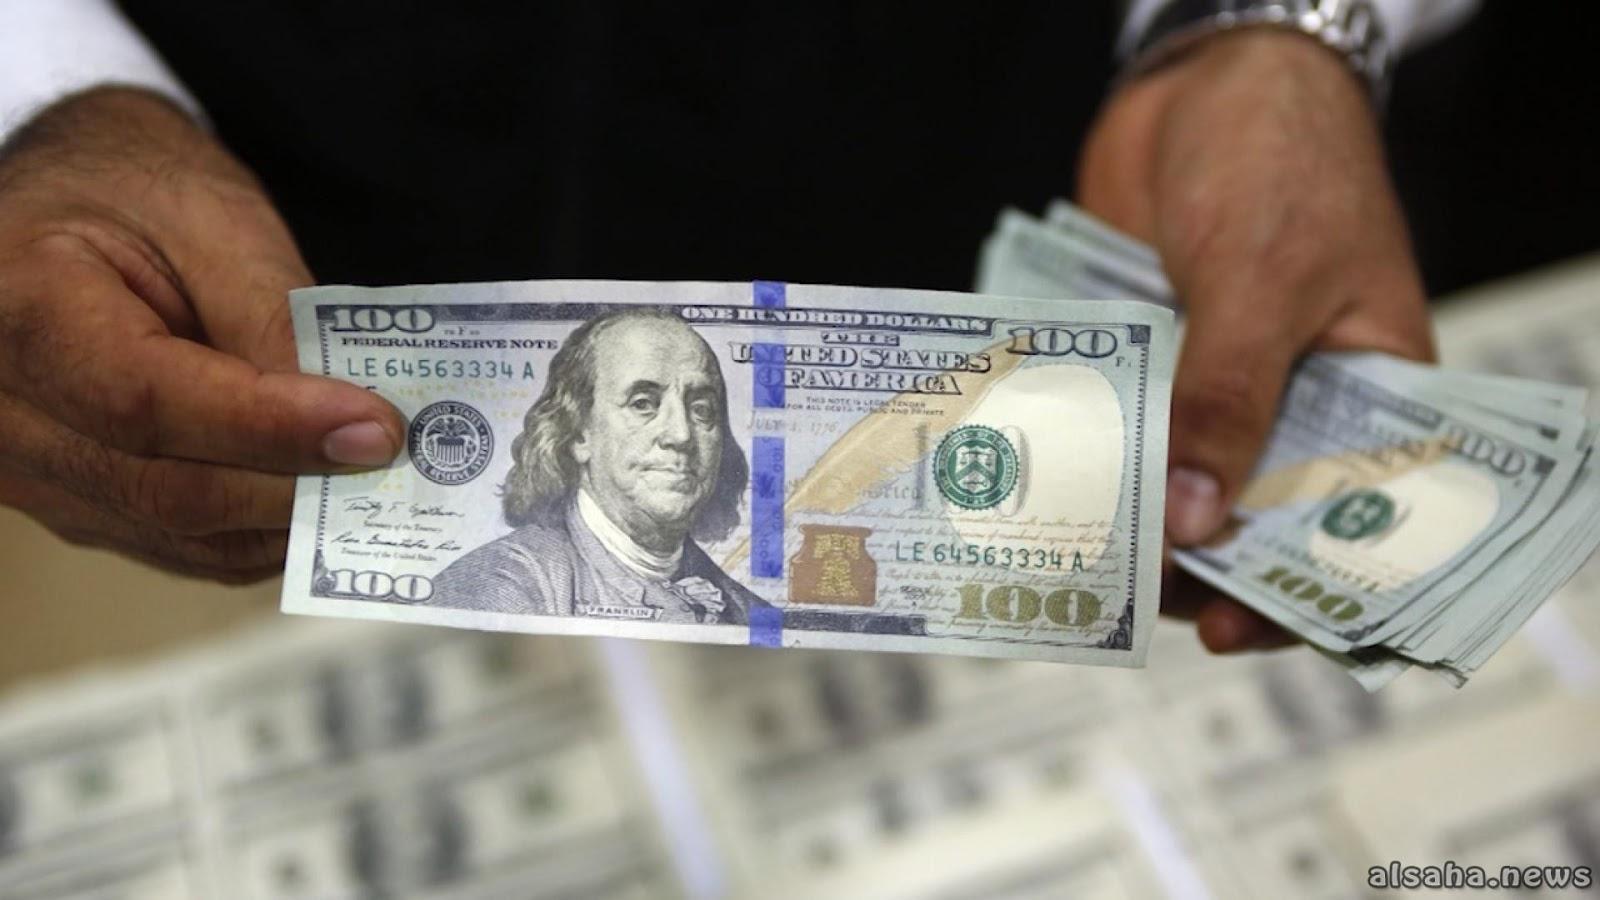 عاجل رابط التسجيل بالمنحة القطرية ال100$